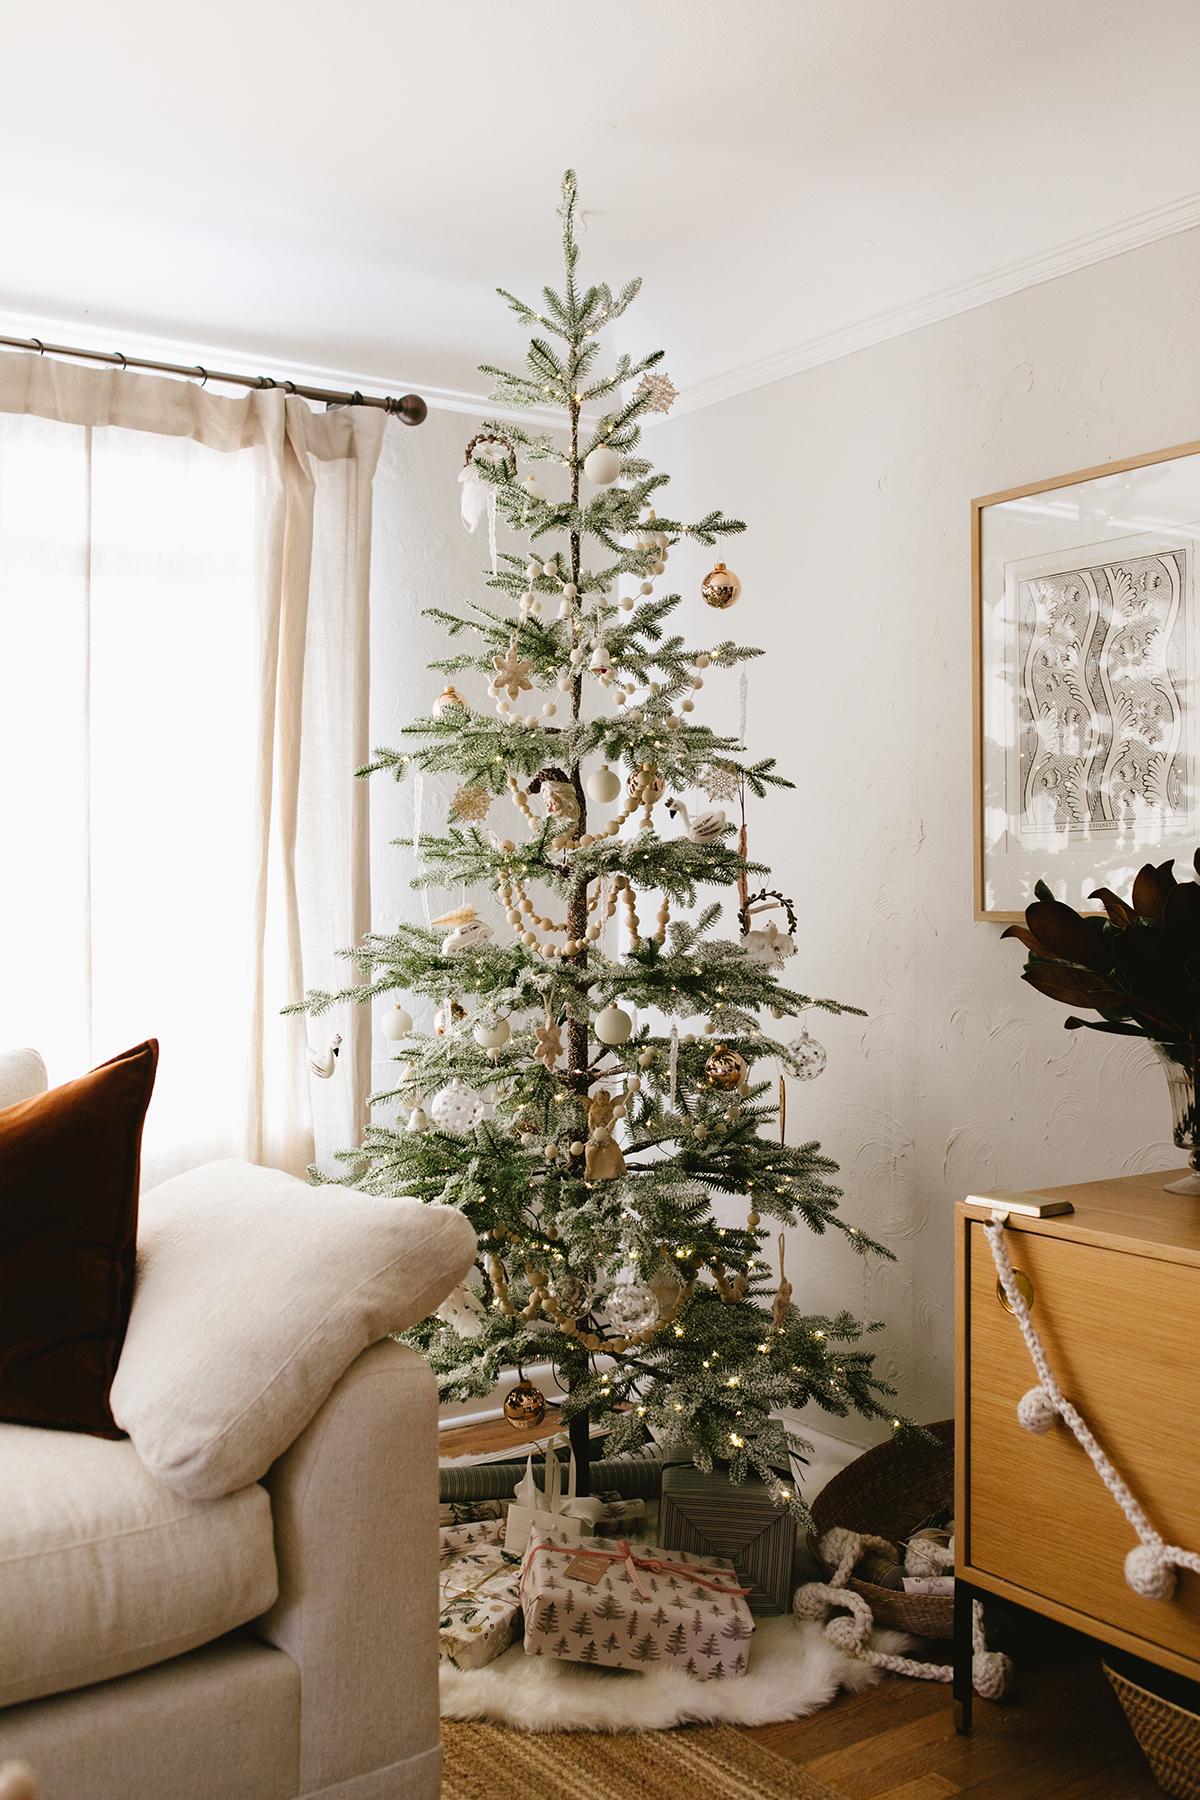 décor de salon de Noël confortable avec caisse et baril | coco kelley